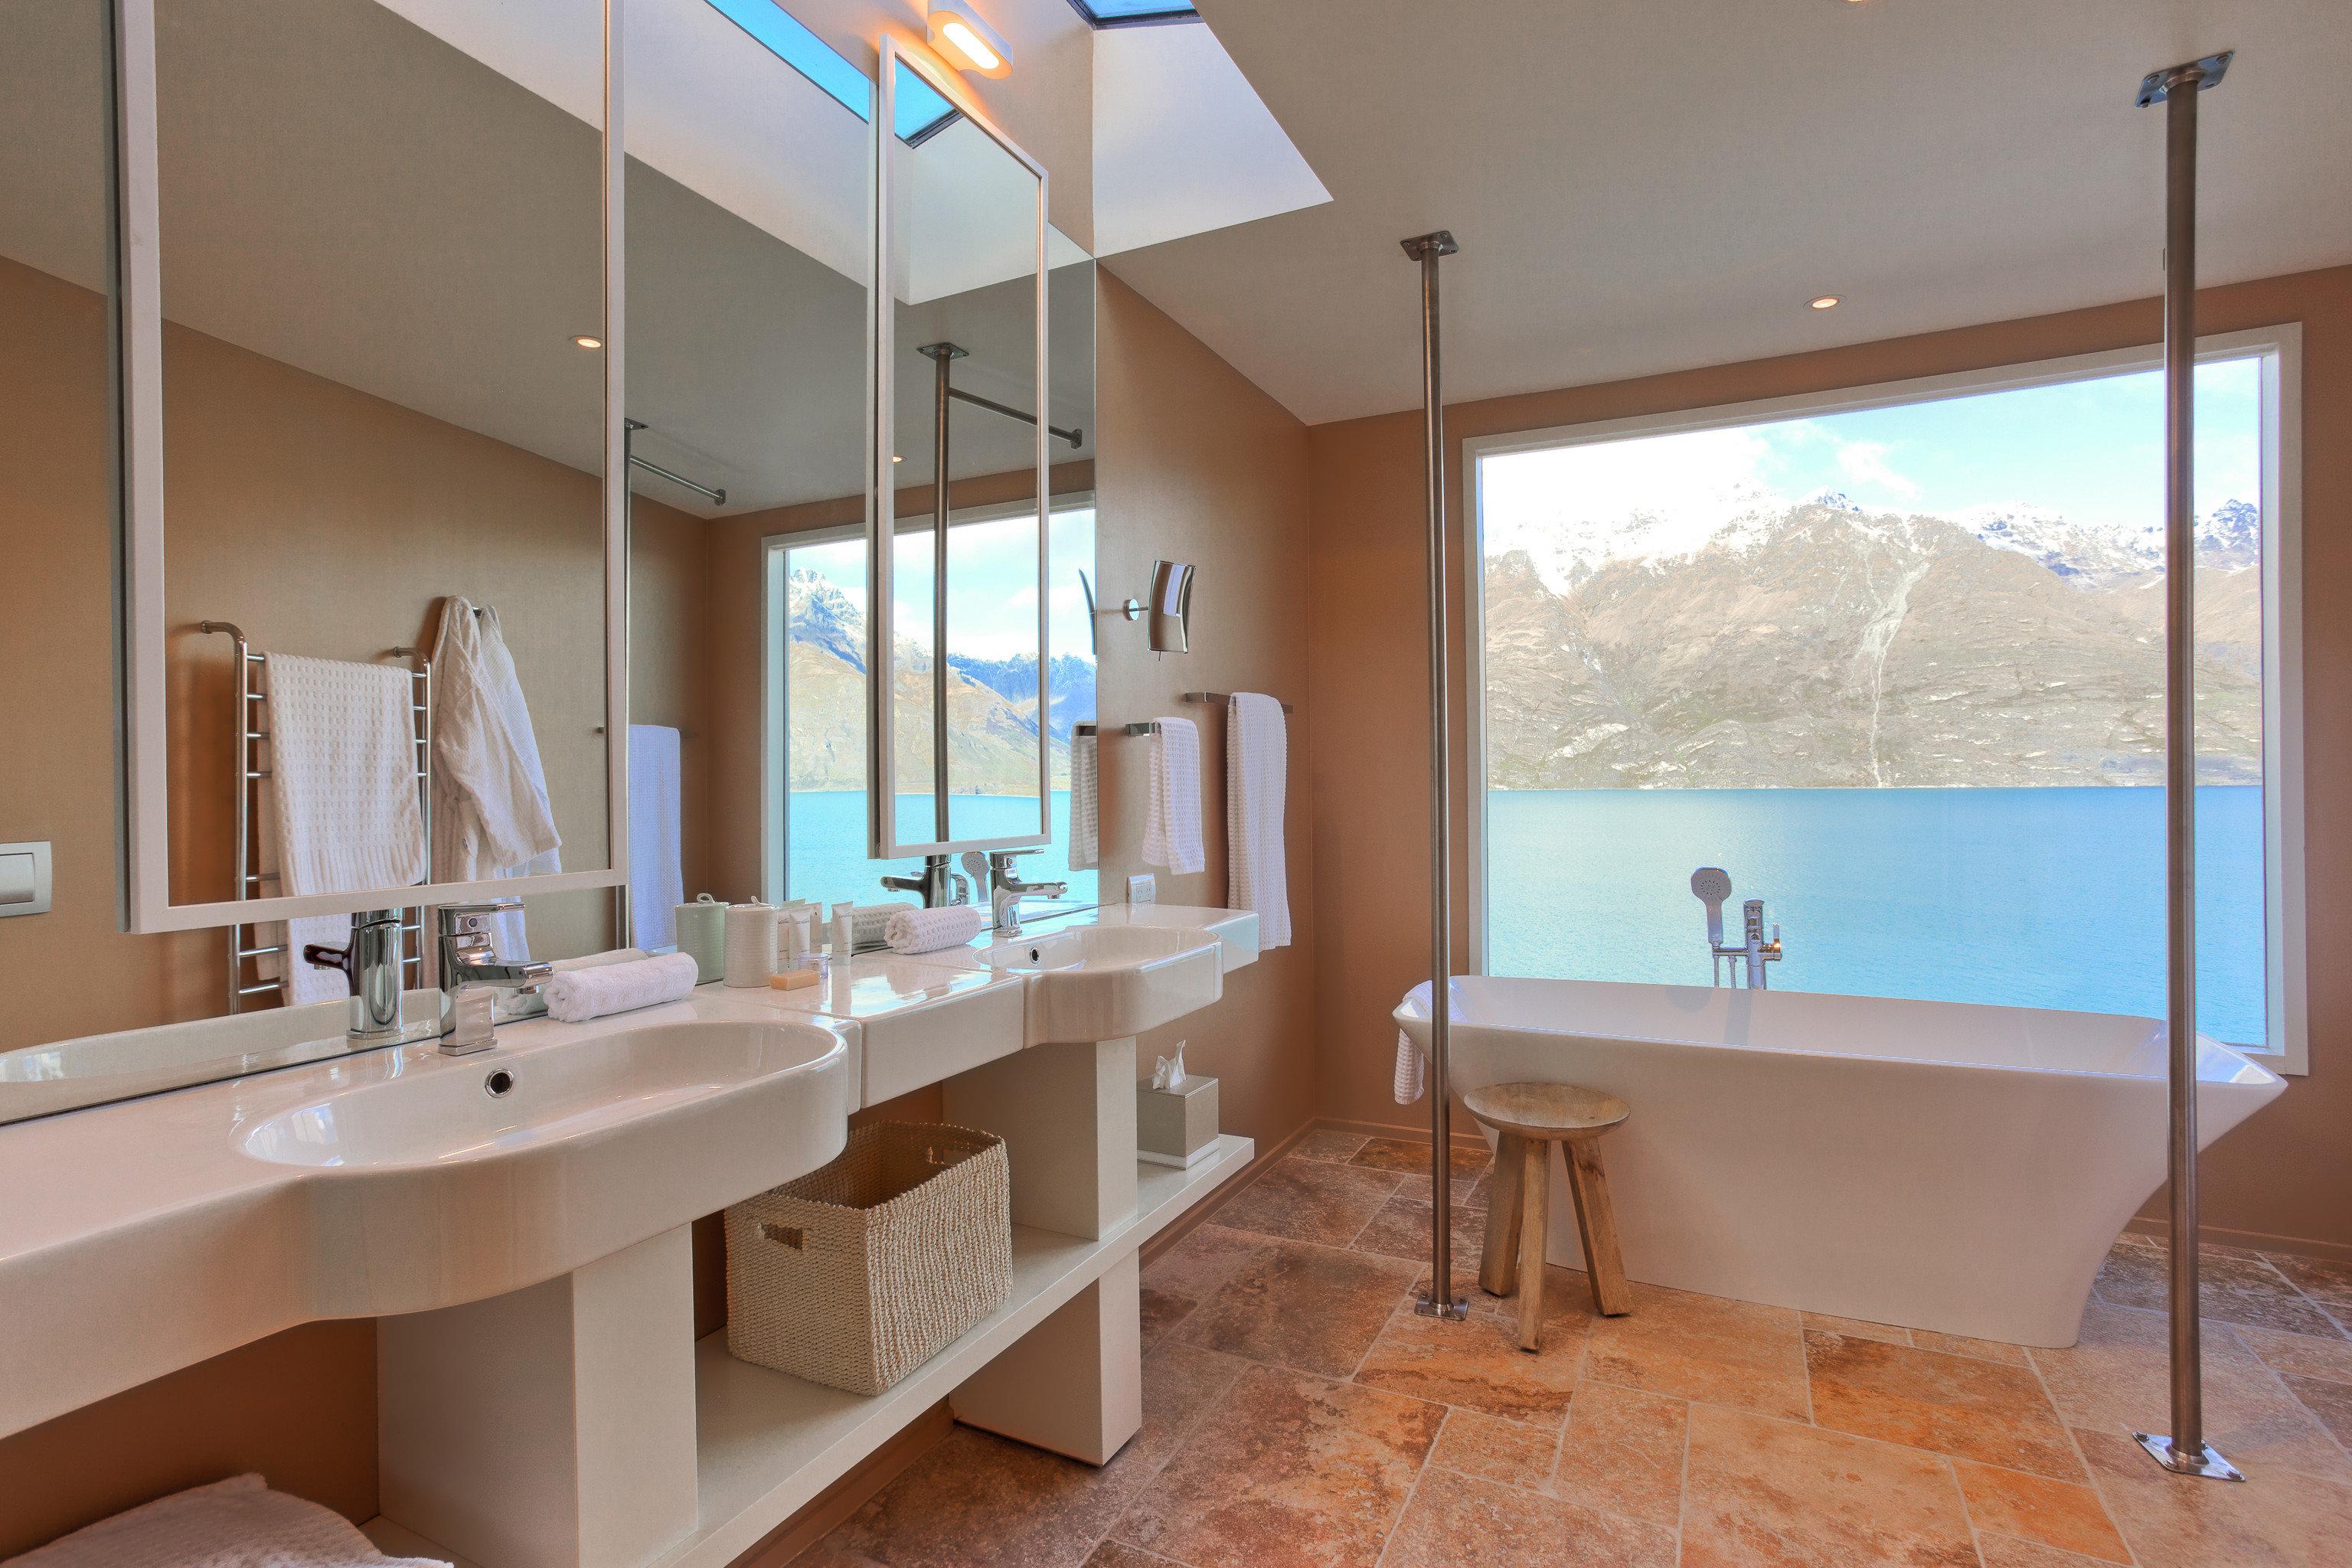 bathroom property sink condominium home Suite Villa tub bathtub